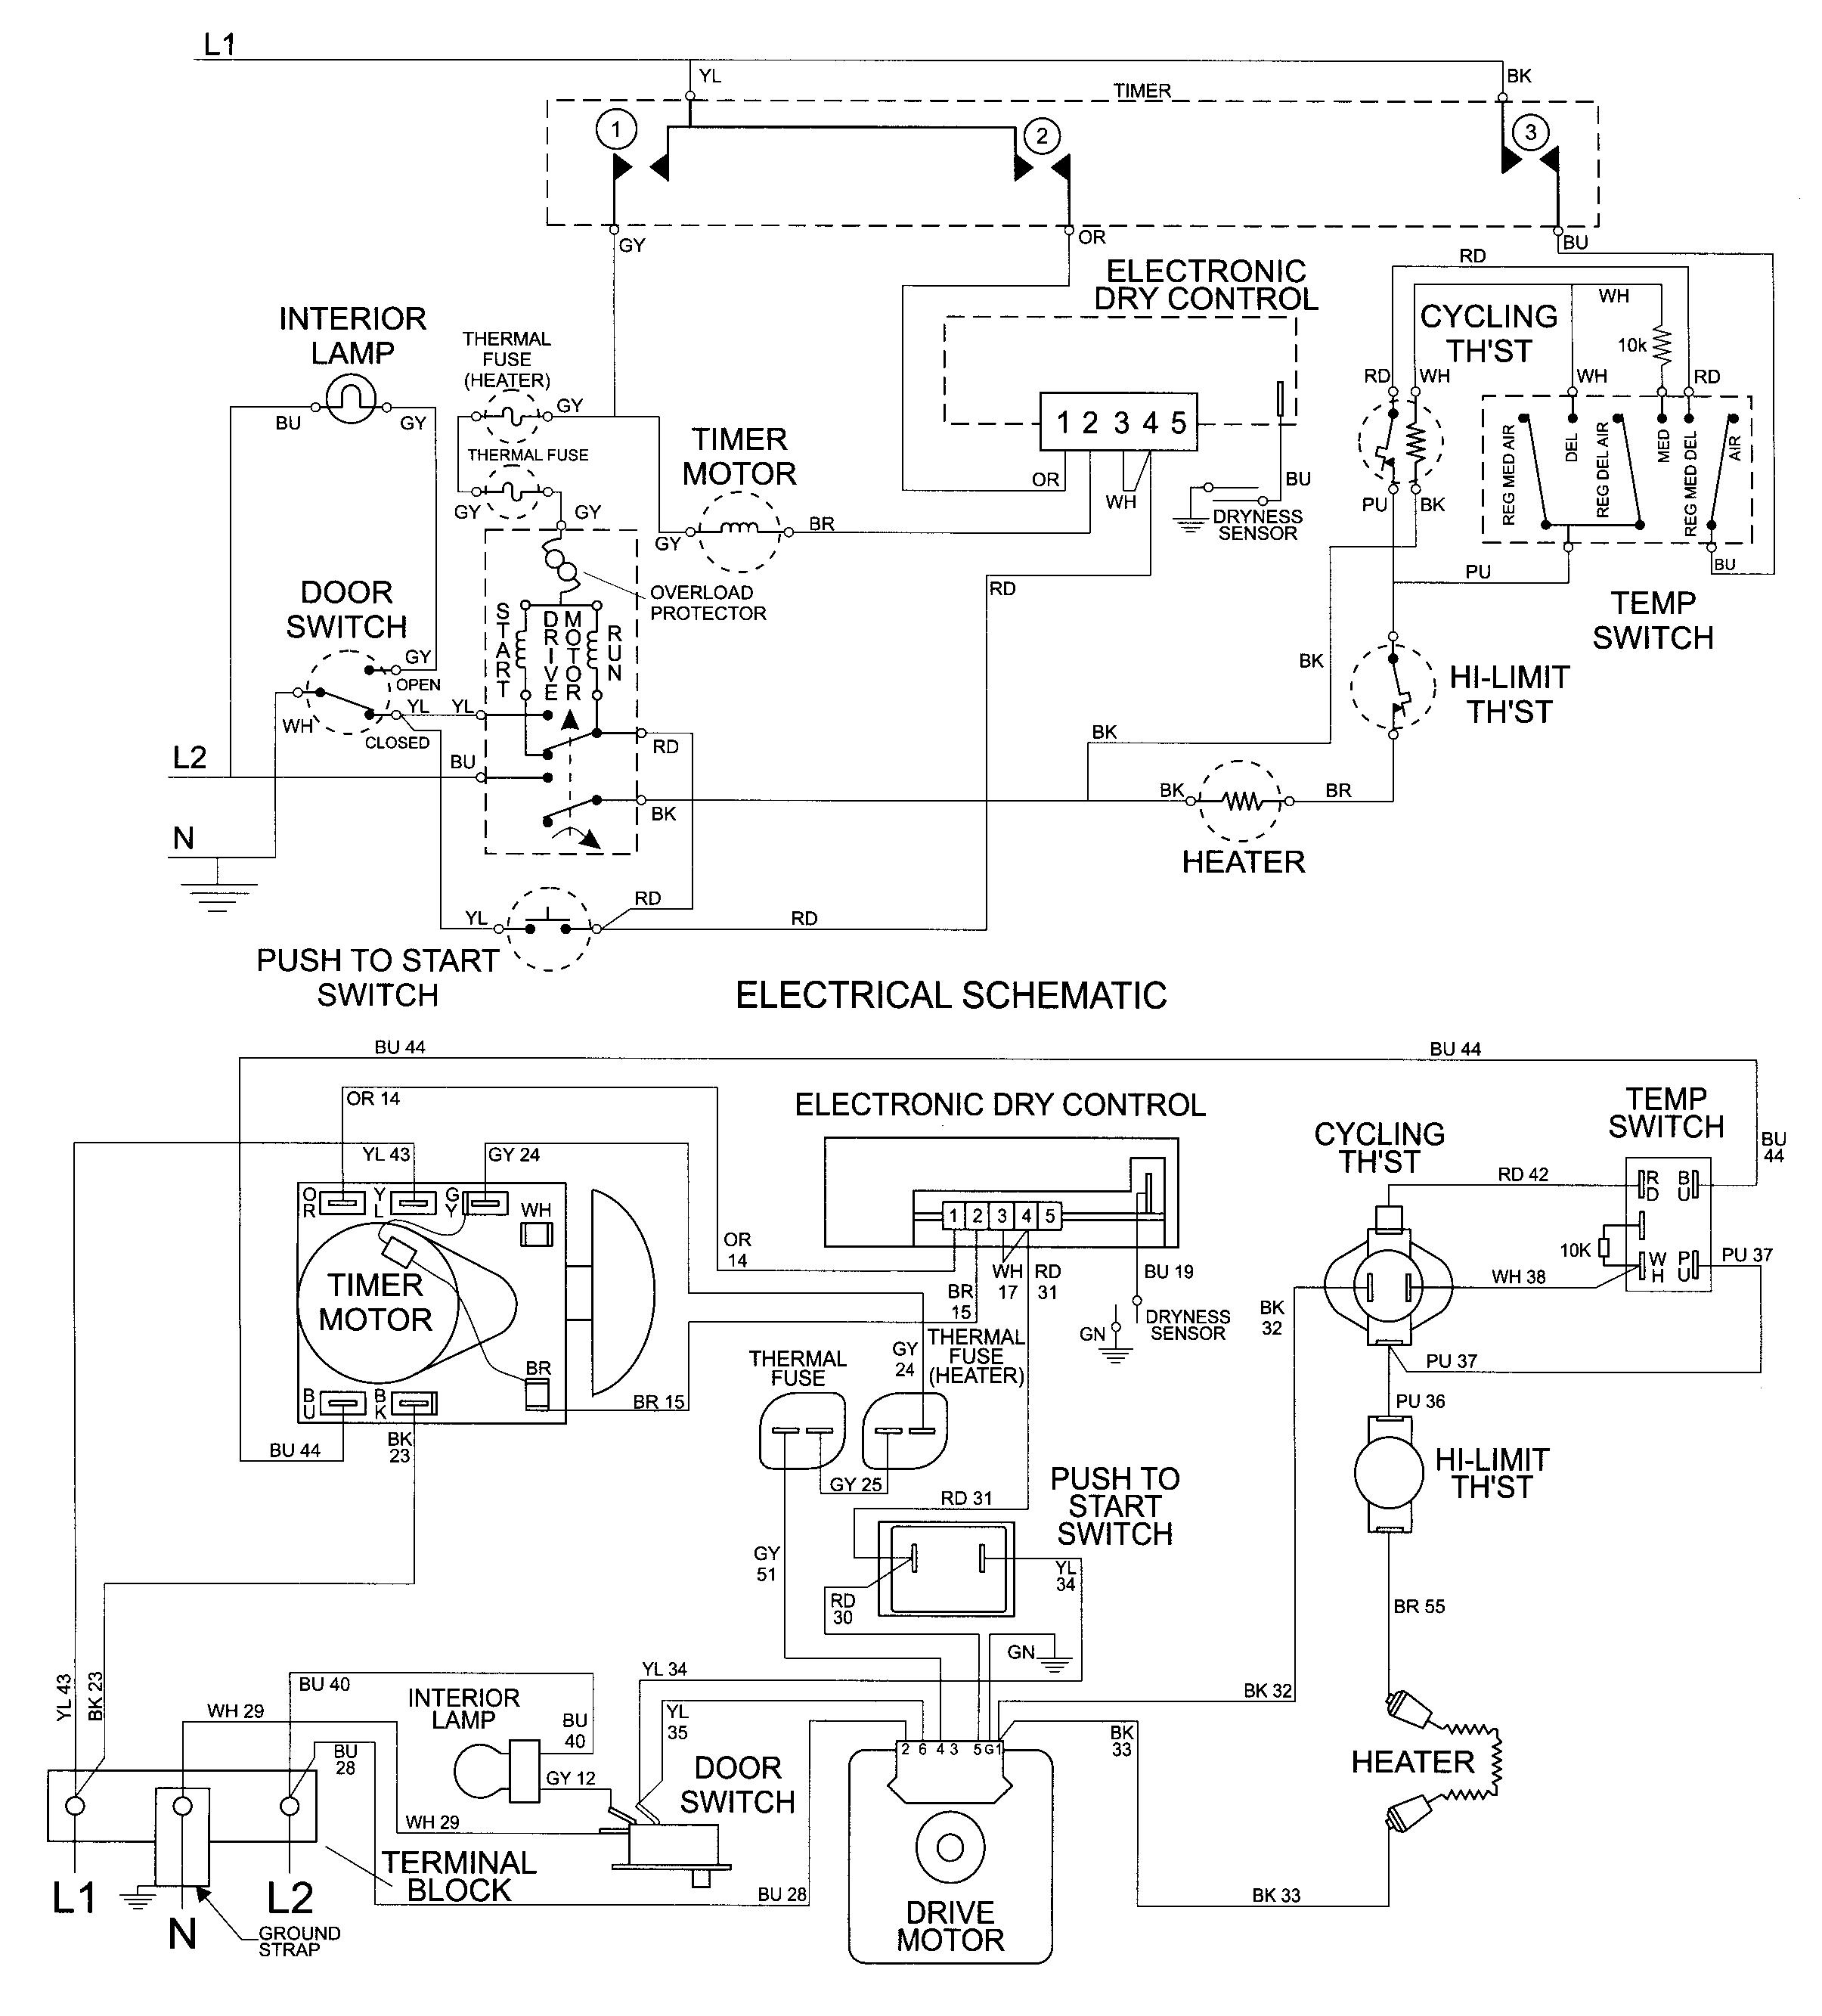 Maytag Dwu9921aax Wiring Diagram Tl8230a1003